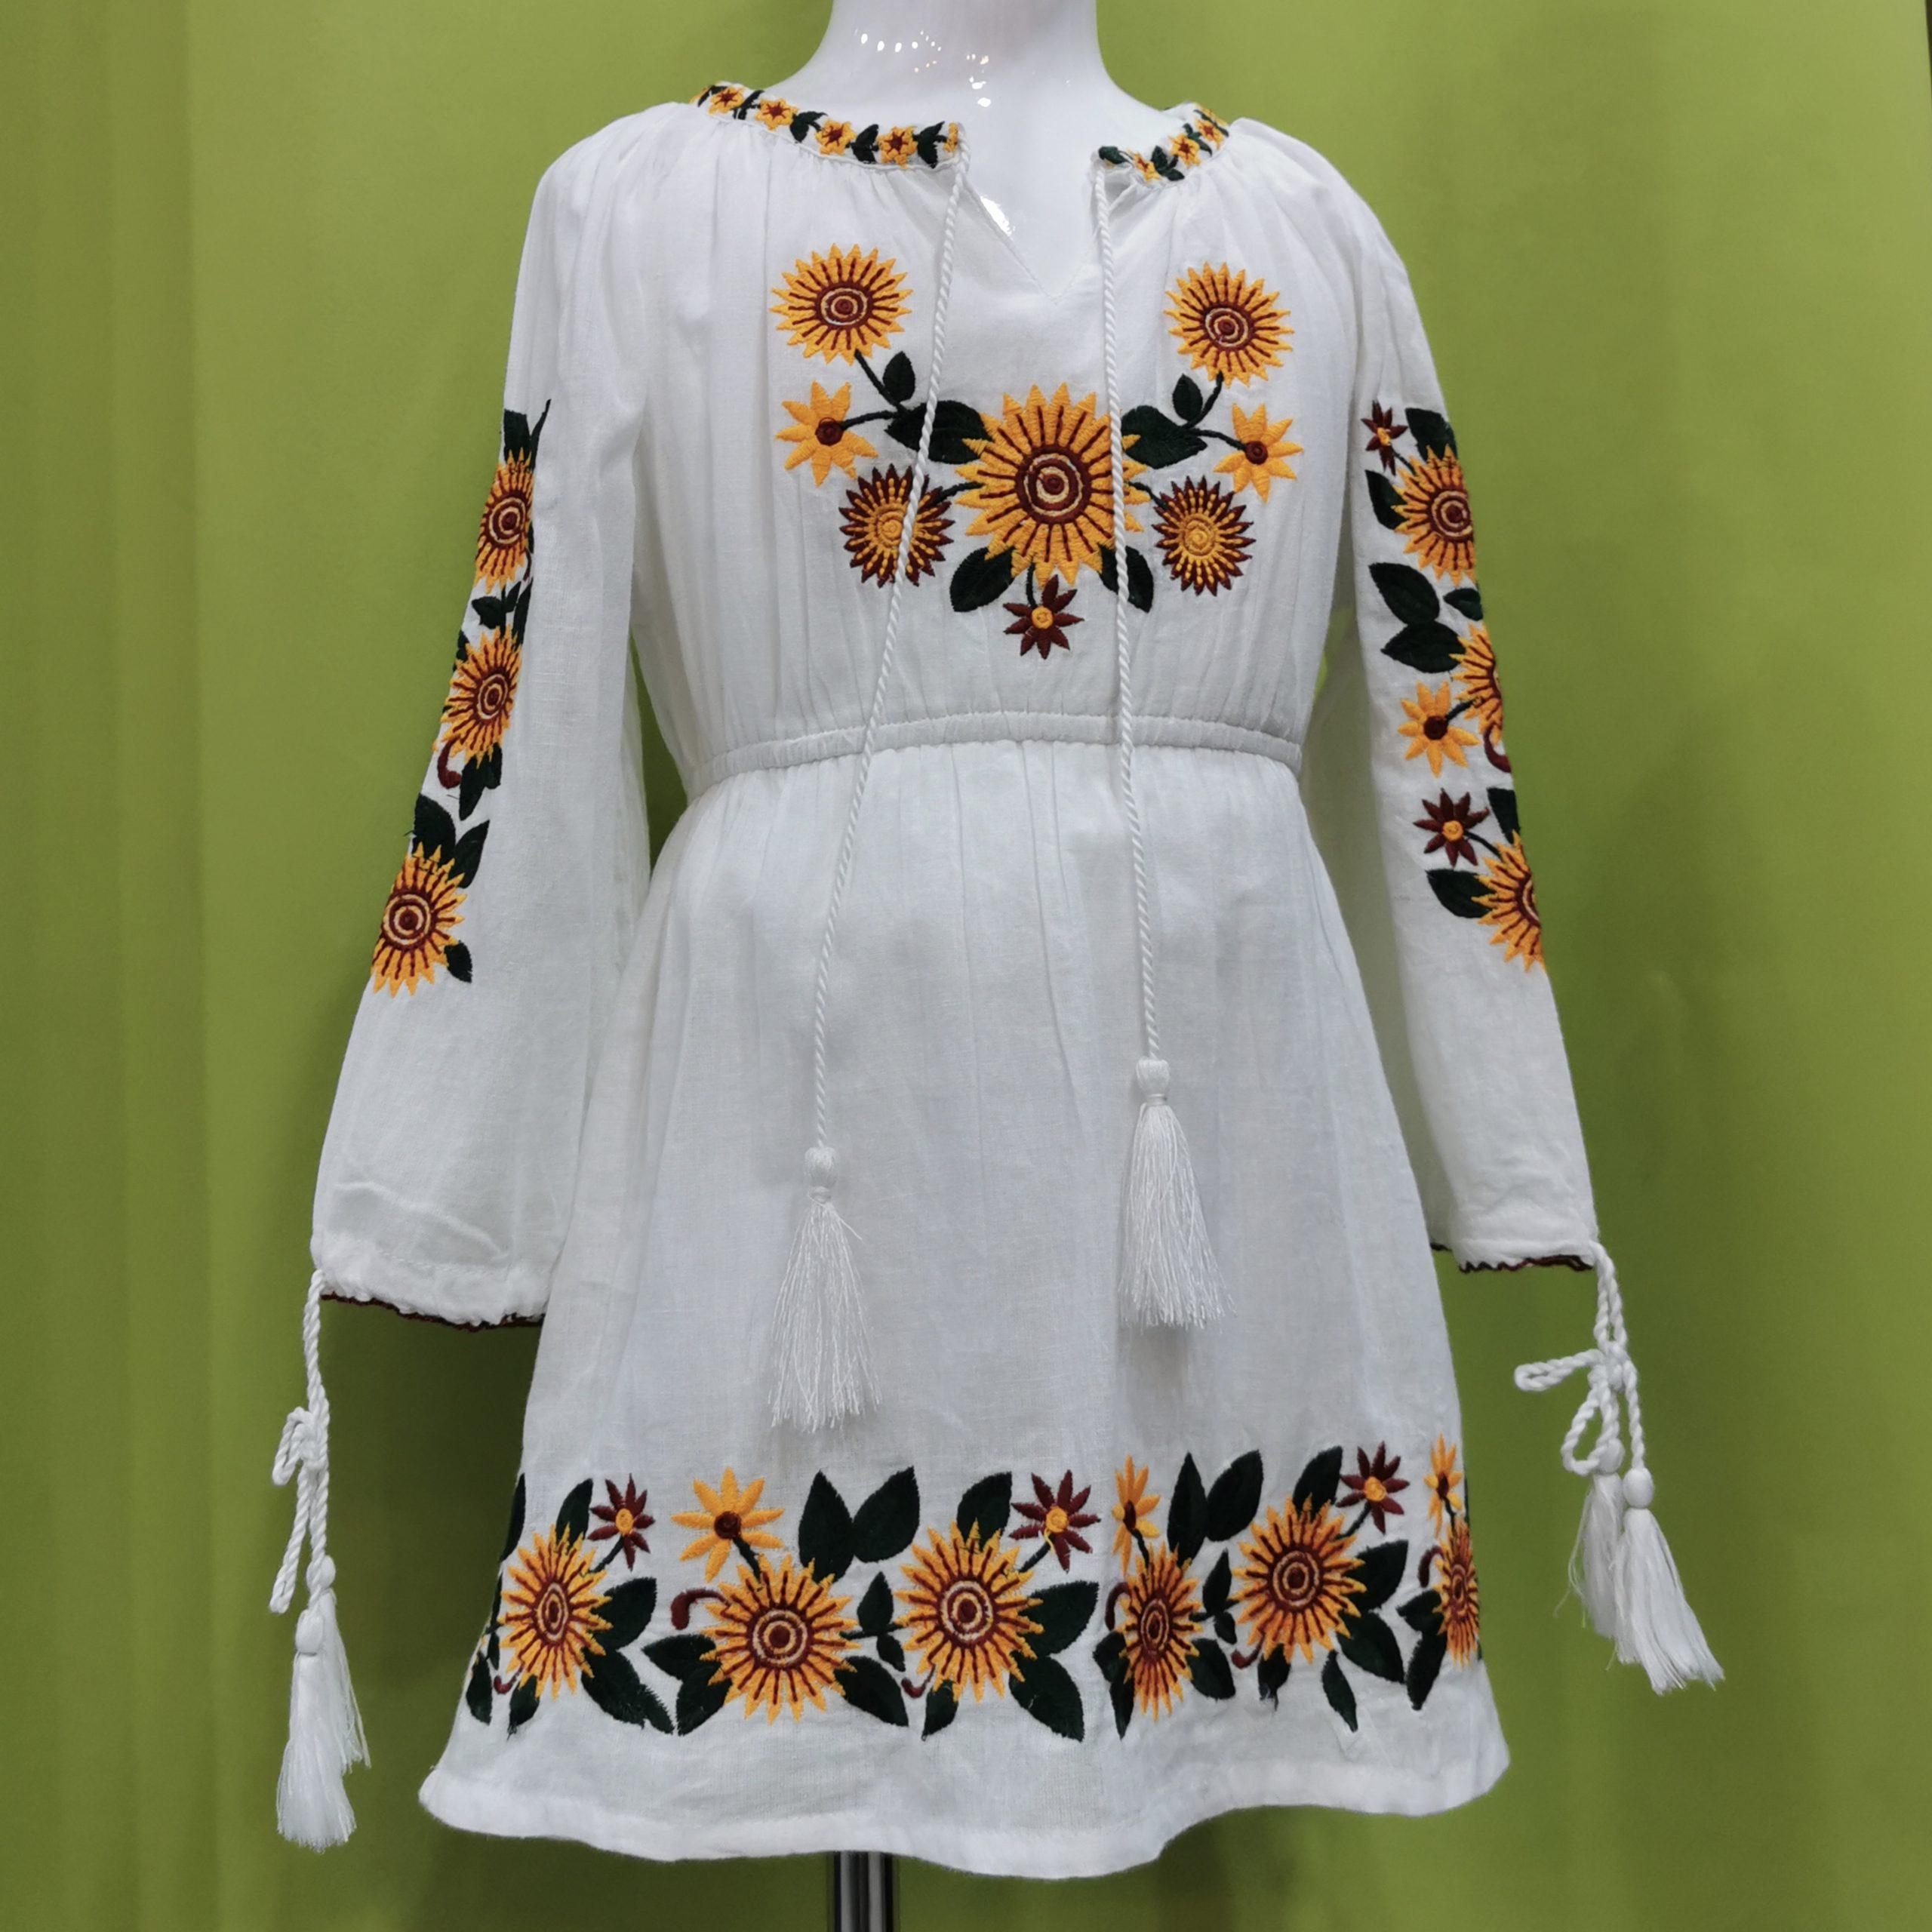 Rochie Traditionala pt. fetite - Floarea Soarelui alba